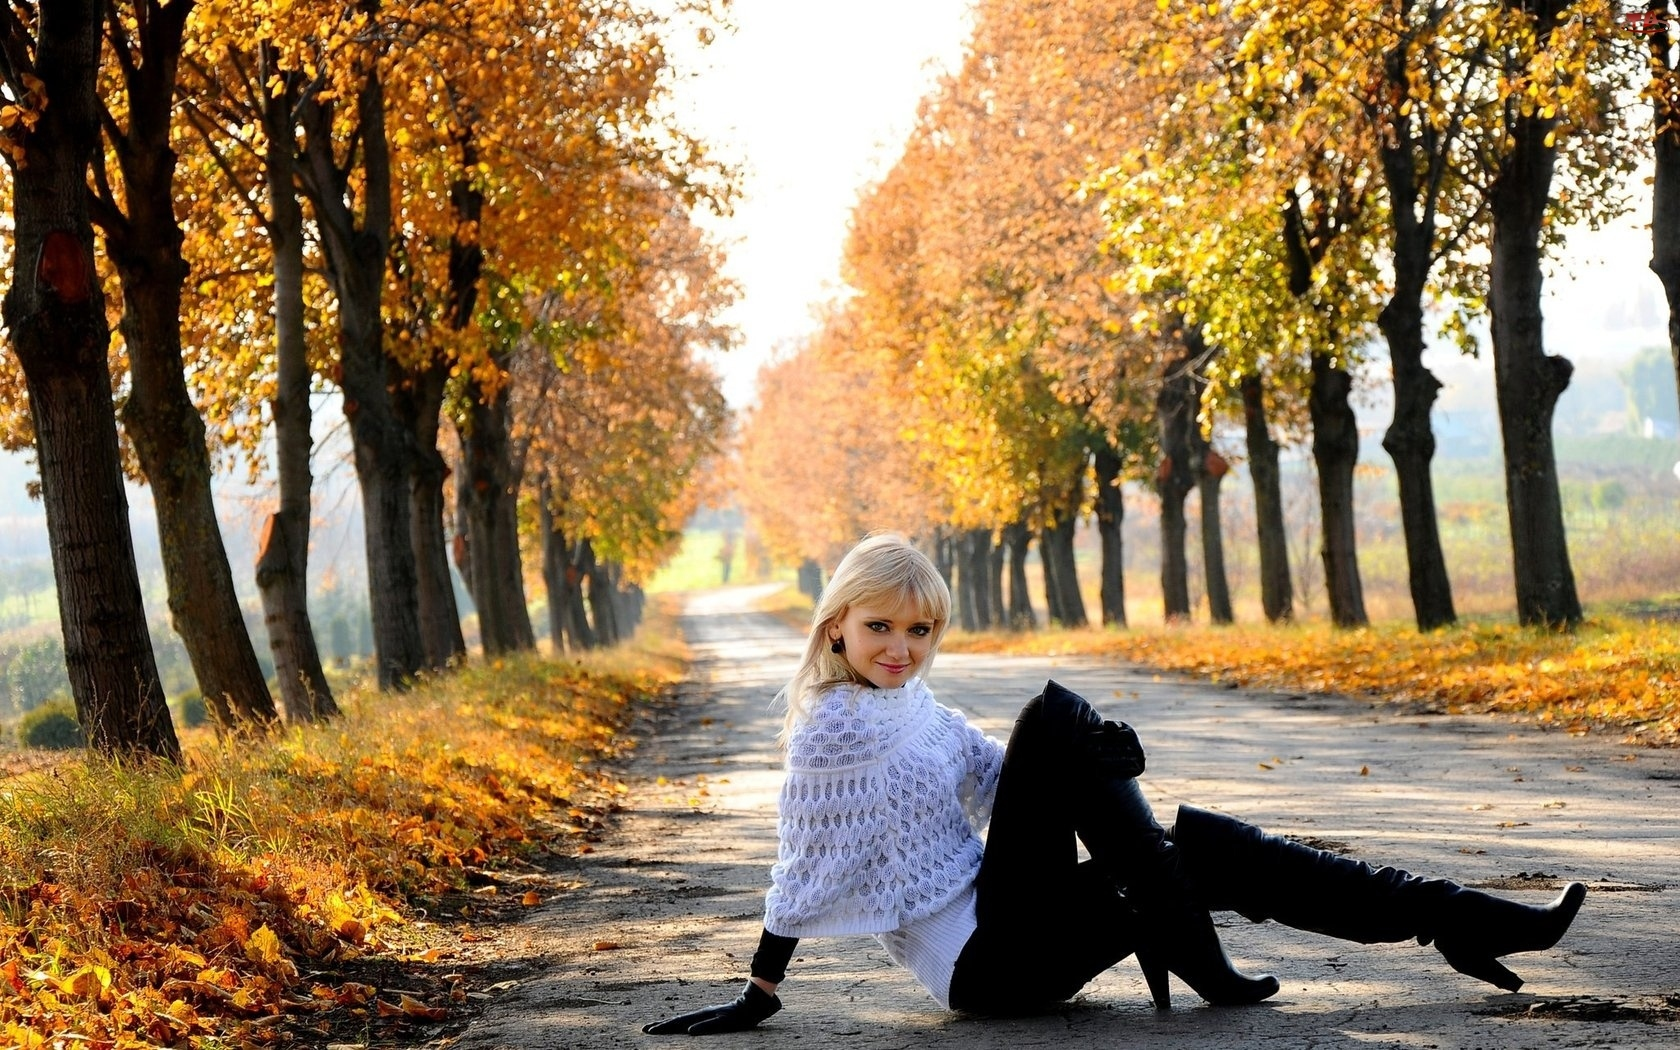 Droga, Liście, Młoda, Jesień, Dziewczyna, Drzewa